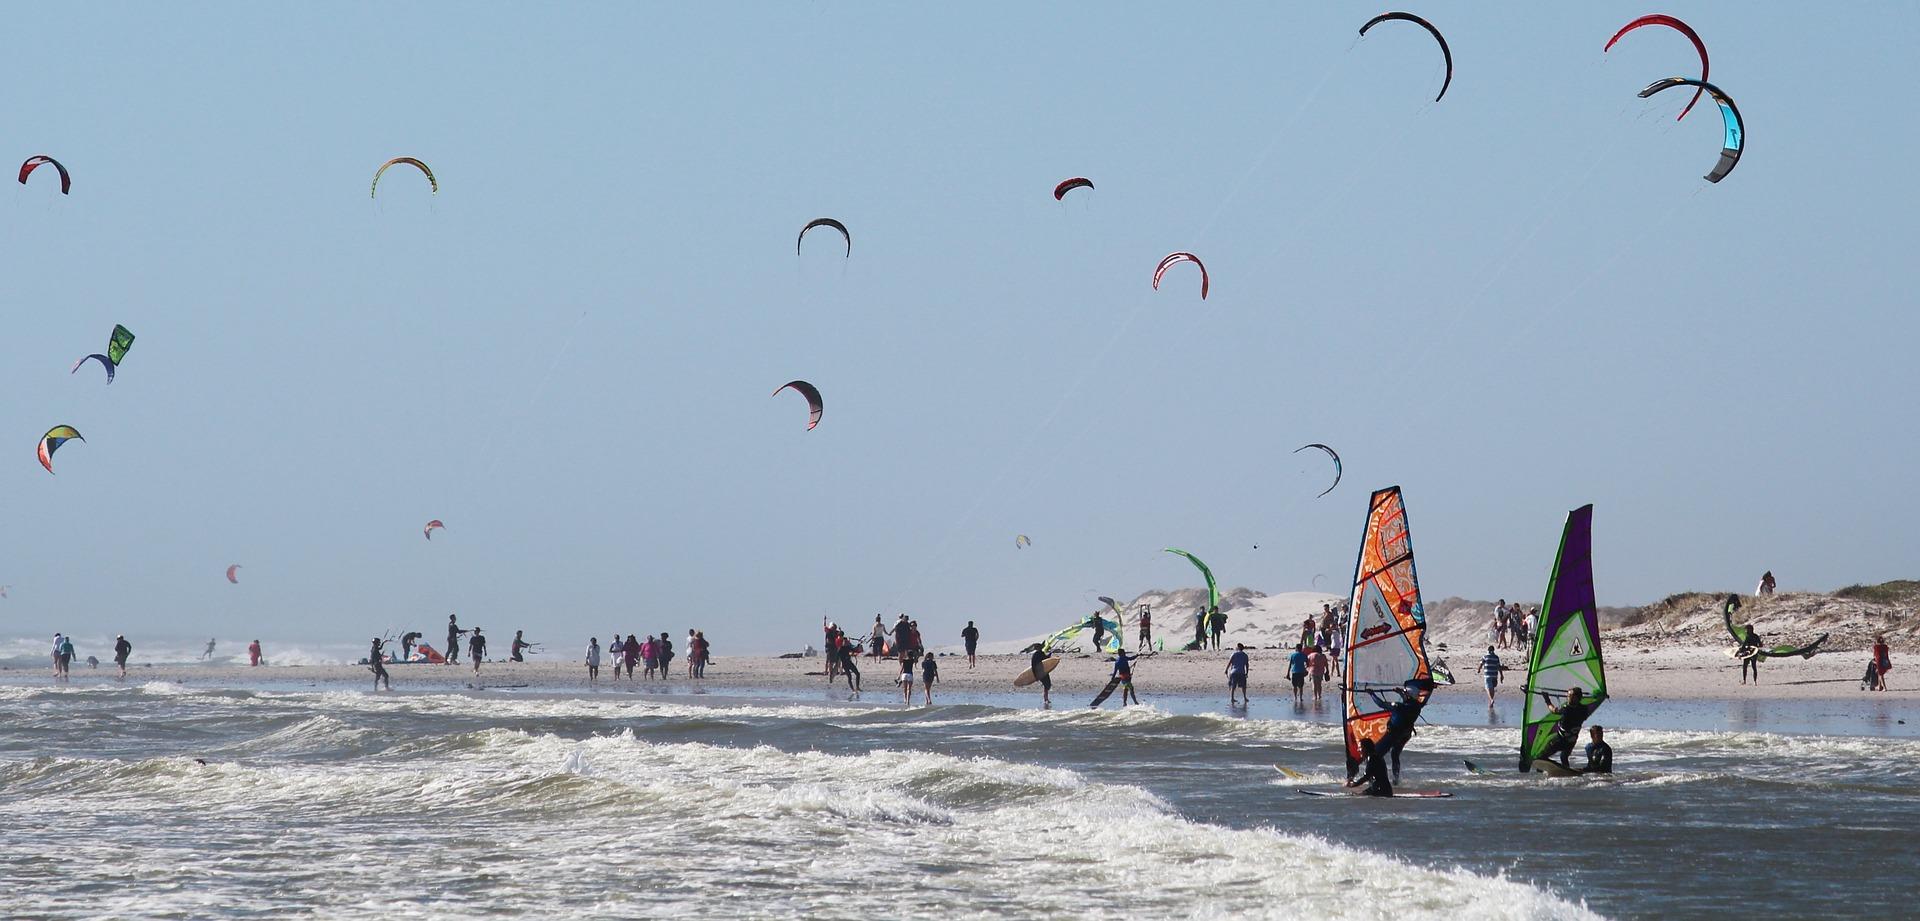 Clientes de escuelas de kitesurf y windsurf